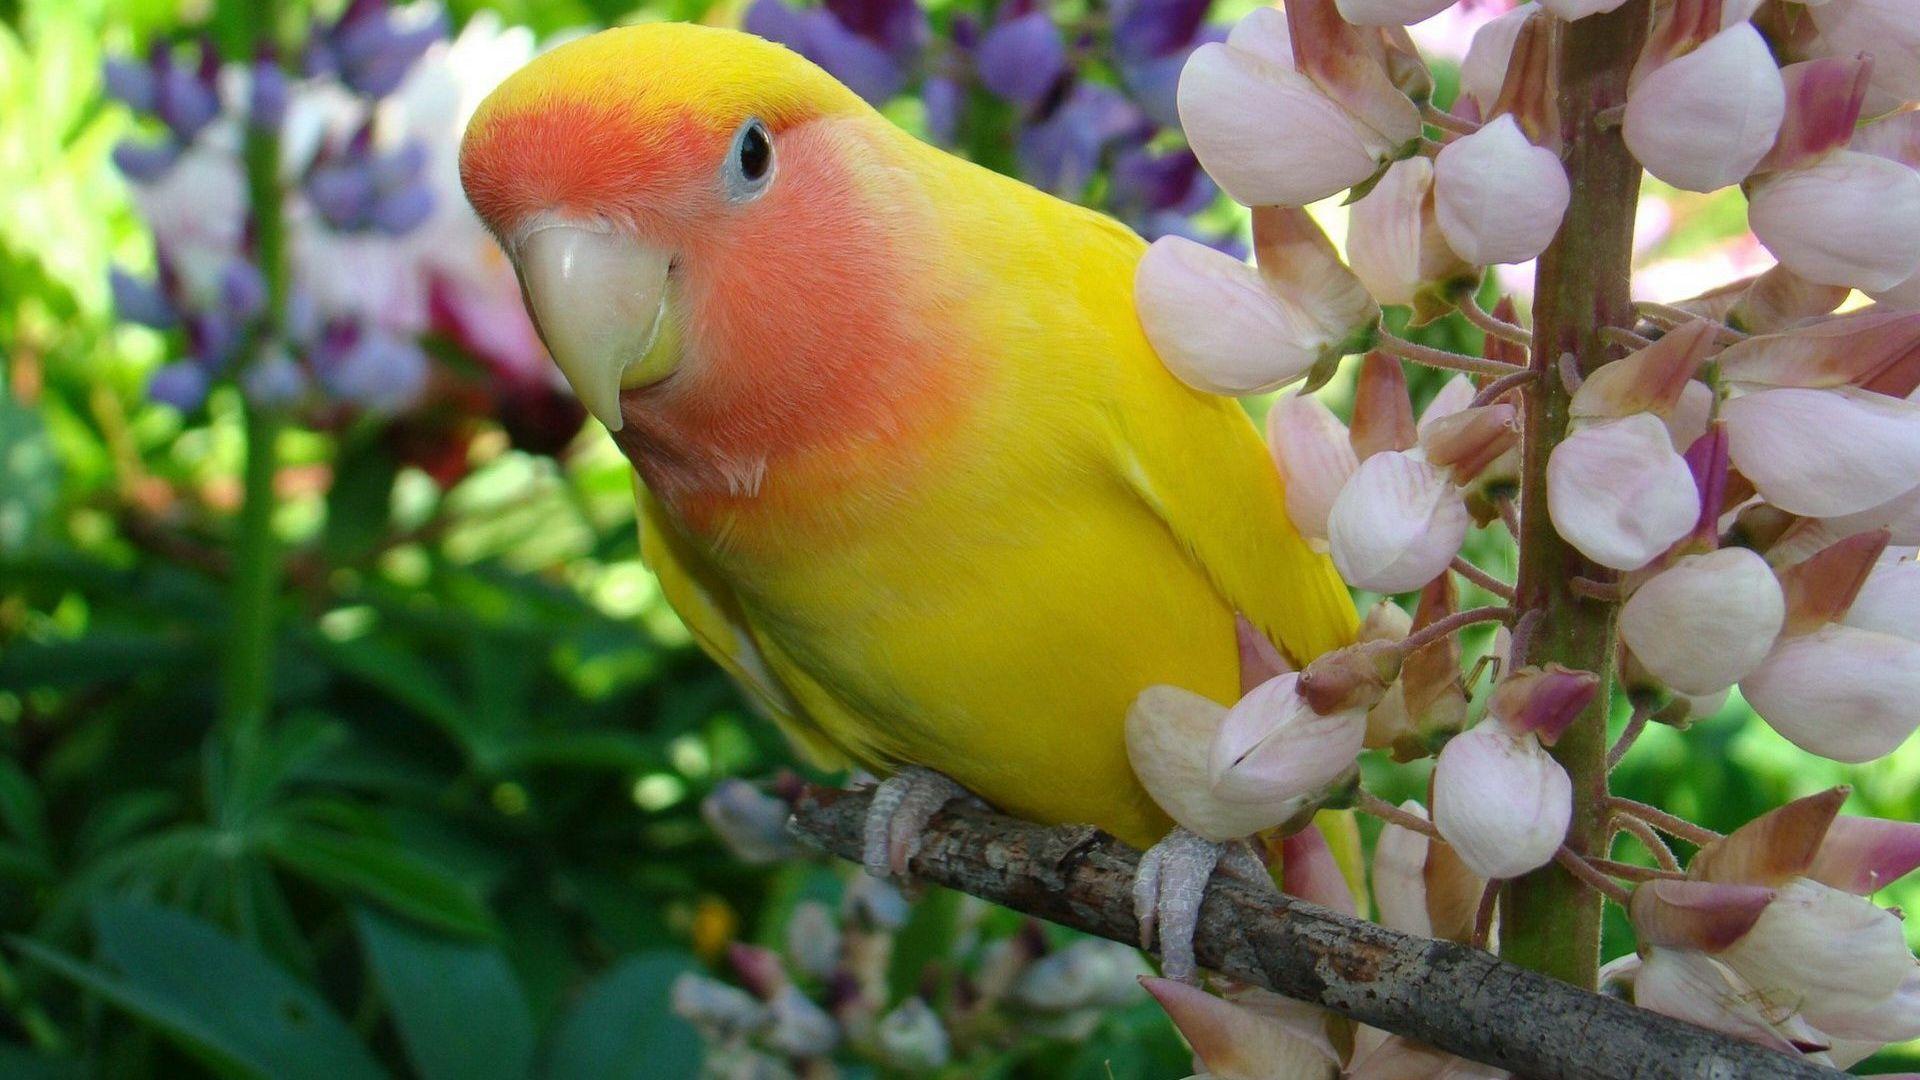 Parakeet Image